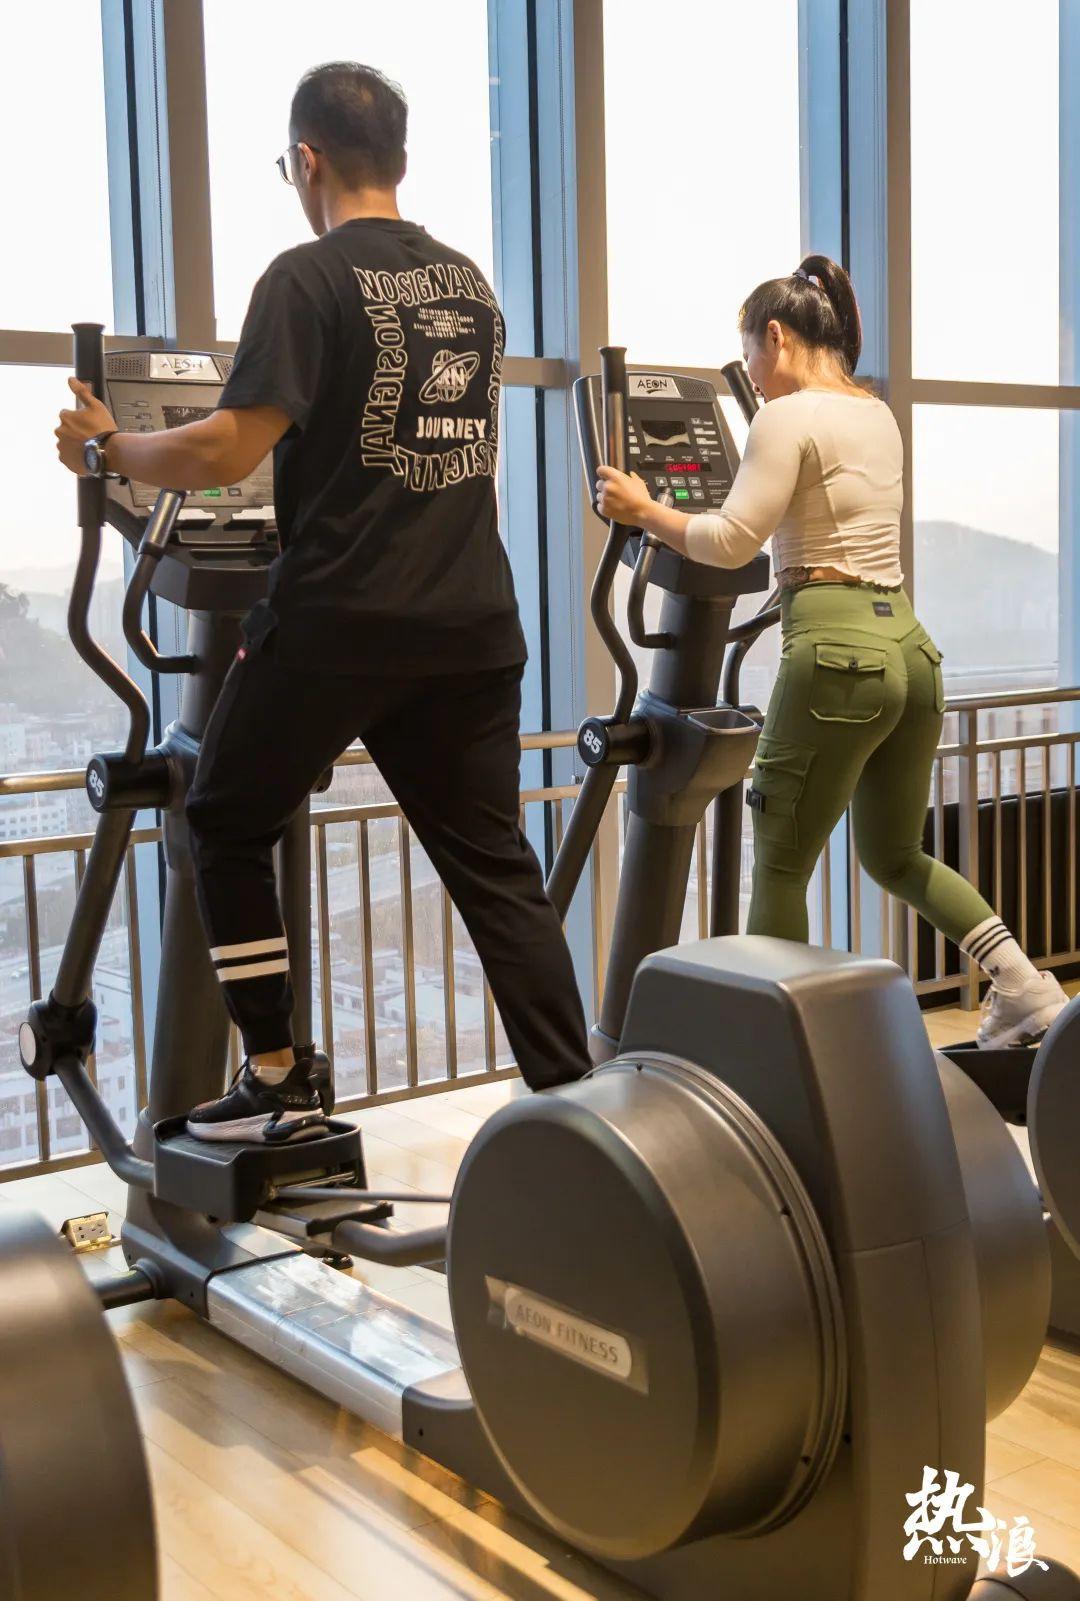 星店 | 东莞本土最大的健身品牌:99元体验卡会员转化率达40%